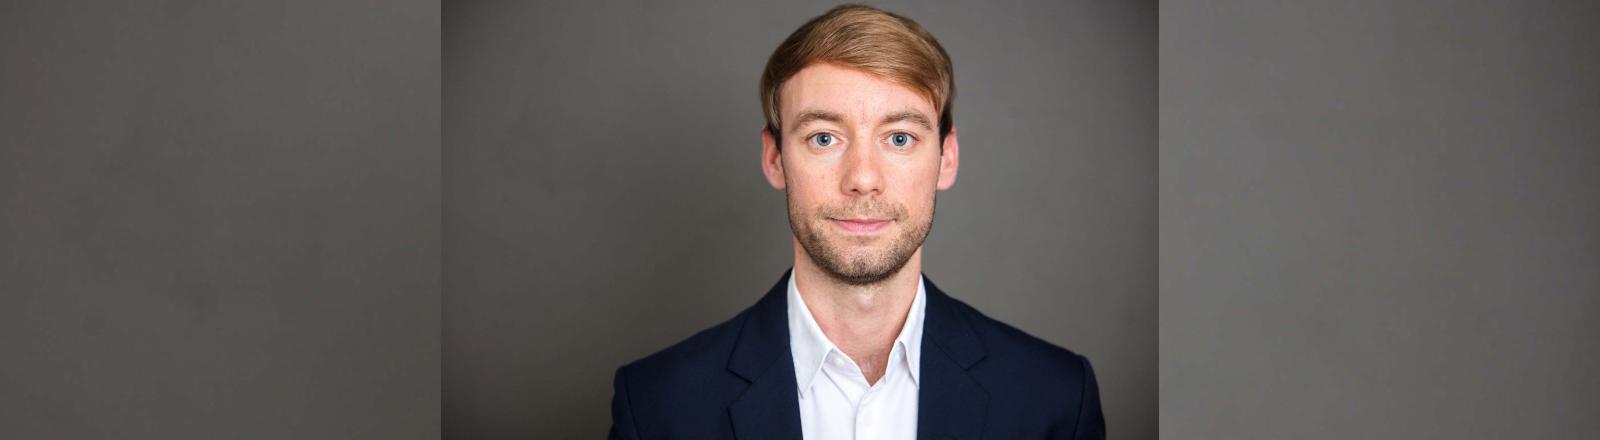 Ein Porträt von Politikberater Johannes Hillje.